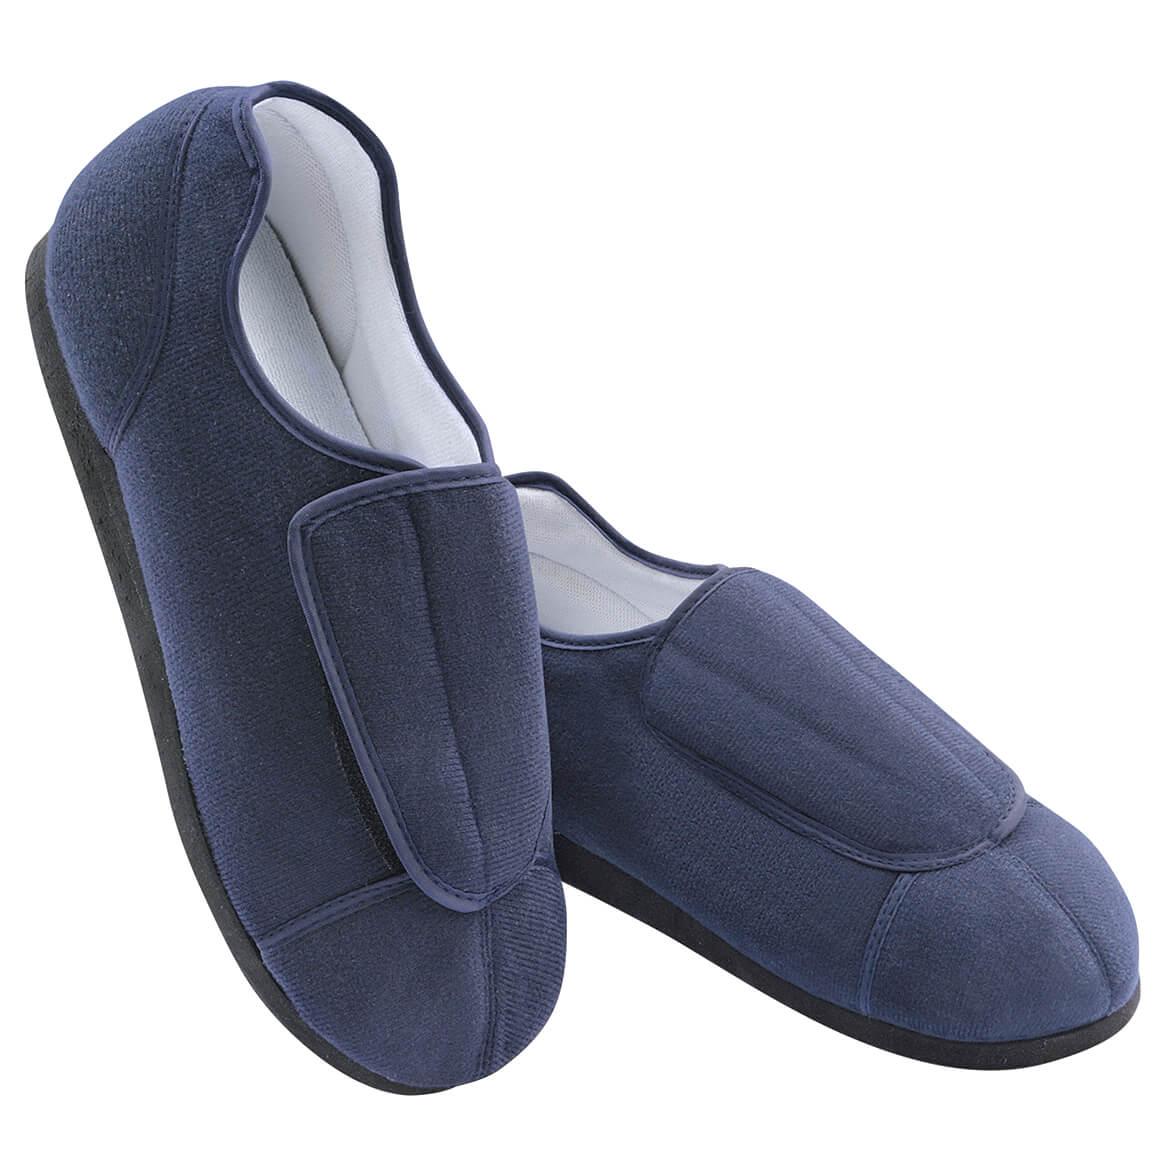 Adjustable Health Slippers Ladies-369894